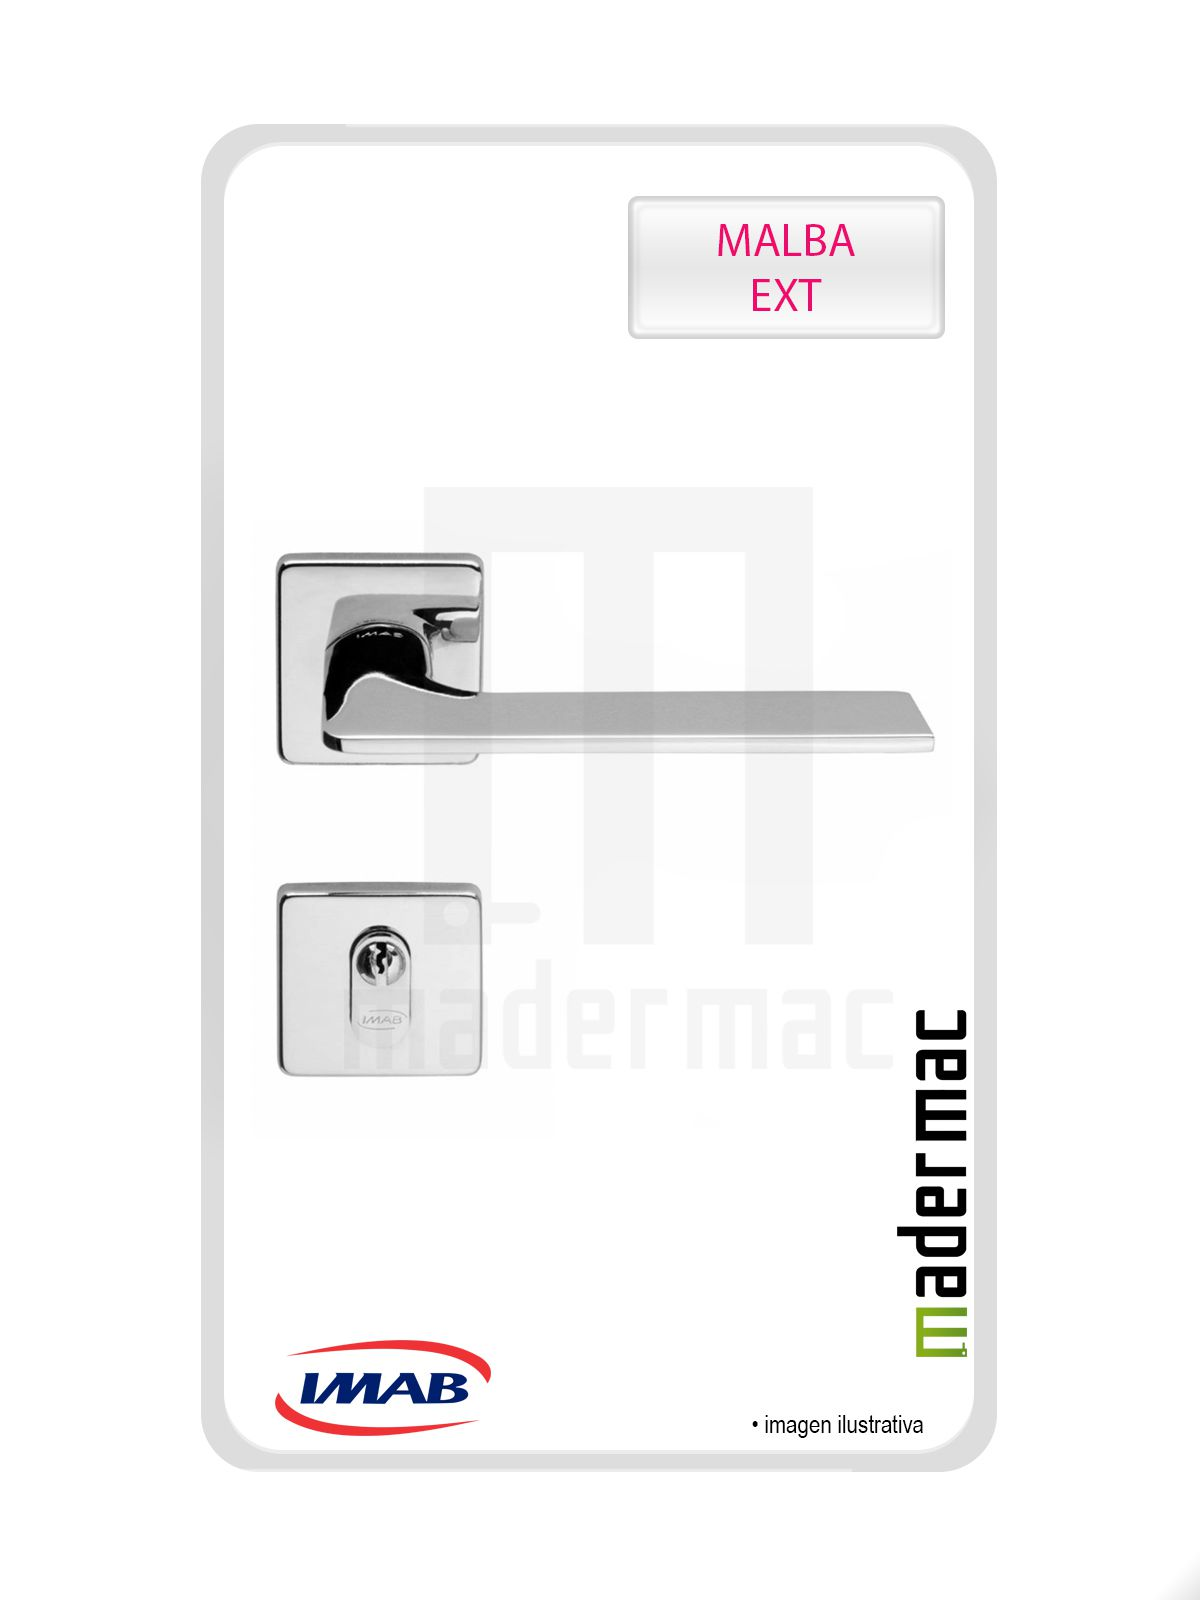 Kit Fechaduras Imab: 03 para Banheiro; 3 para porta de correr; 6 externas